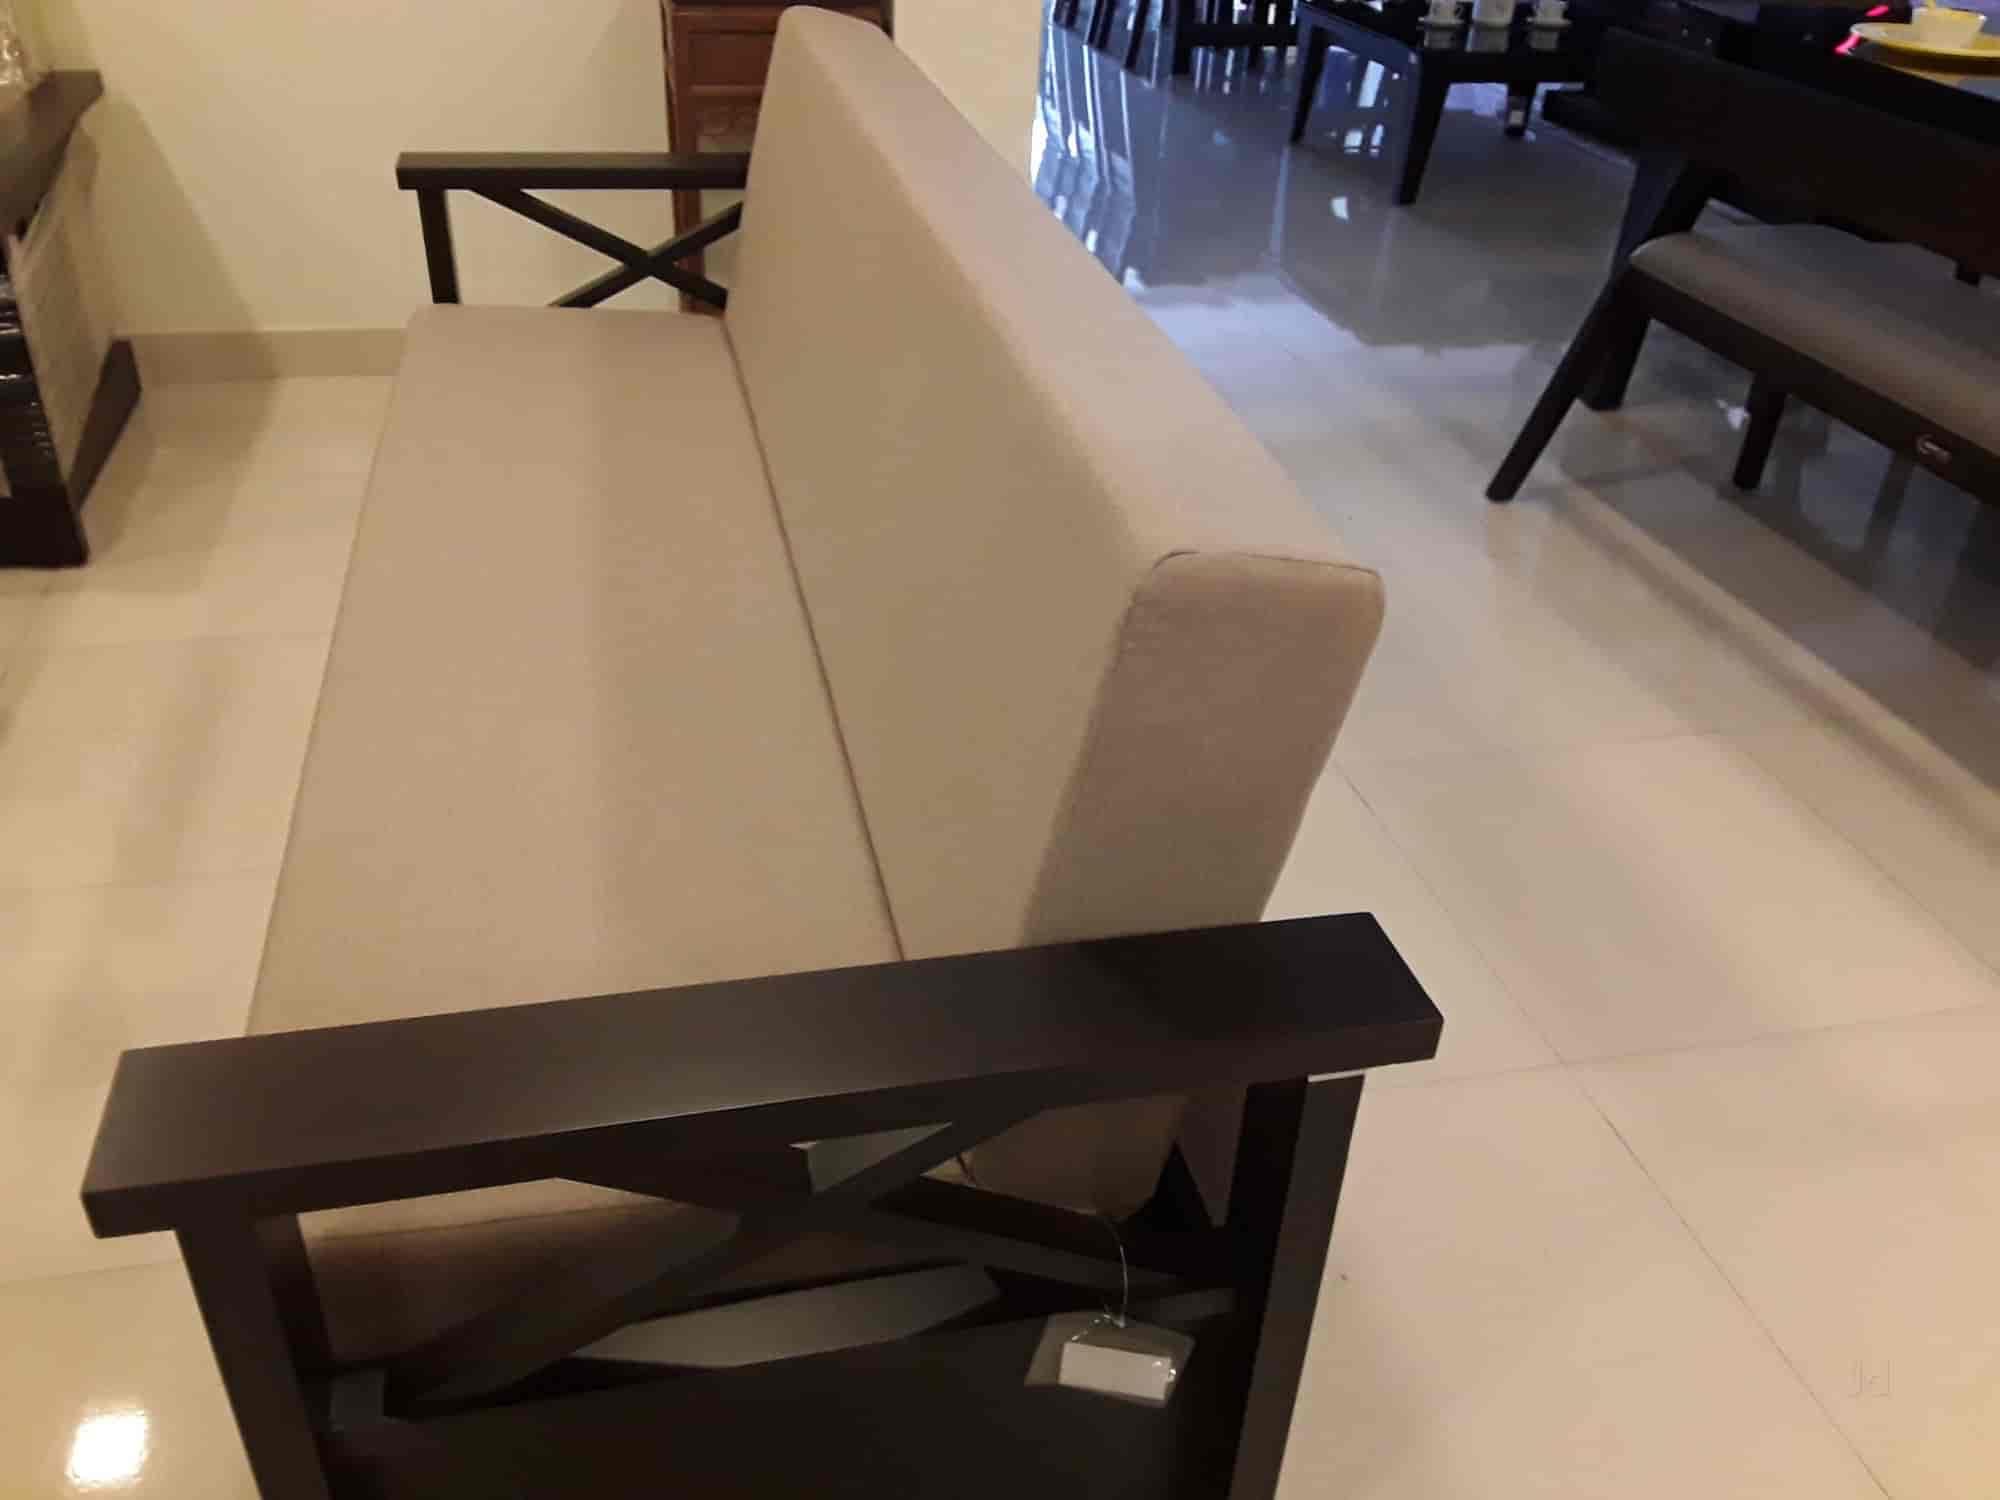 Woodmark The Furniture Landmark Edarikode Furniture Dealers in